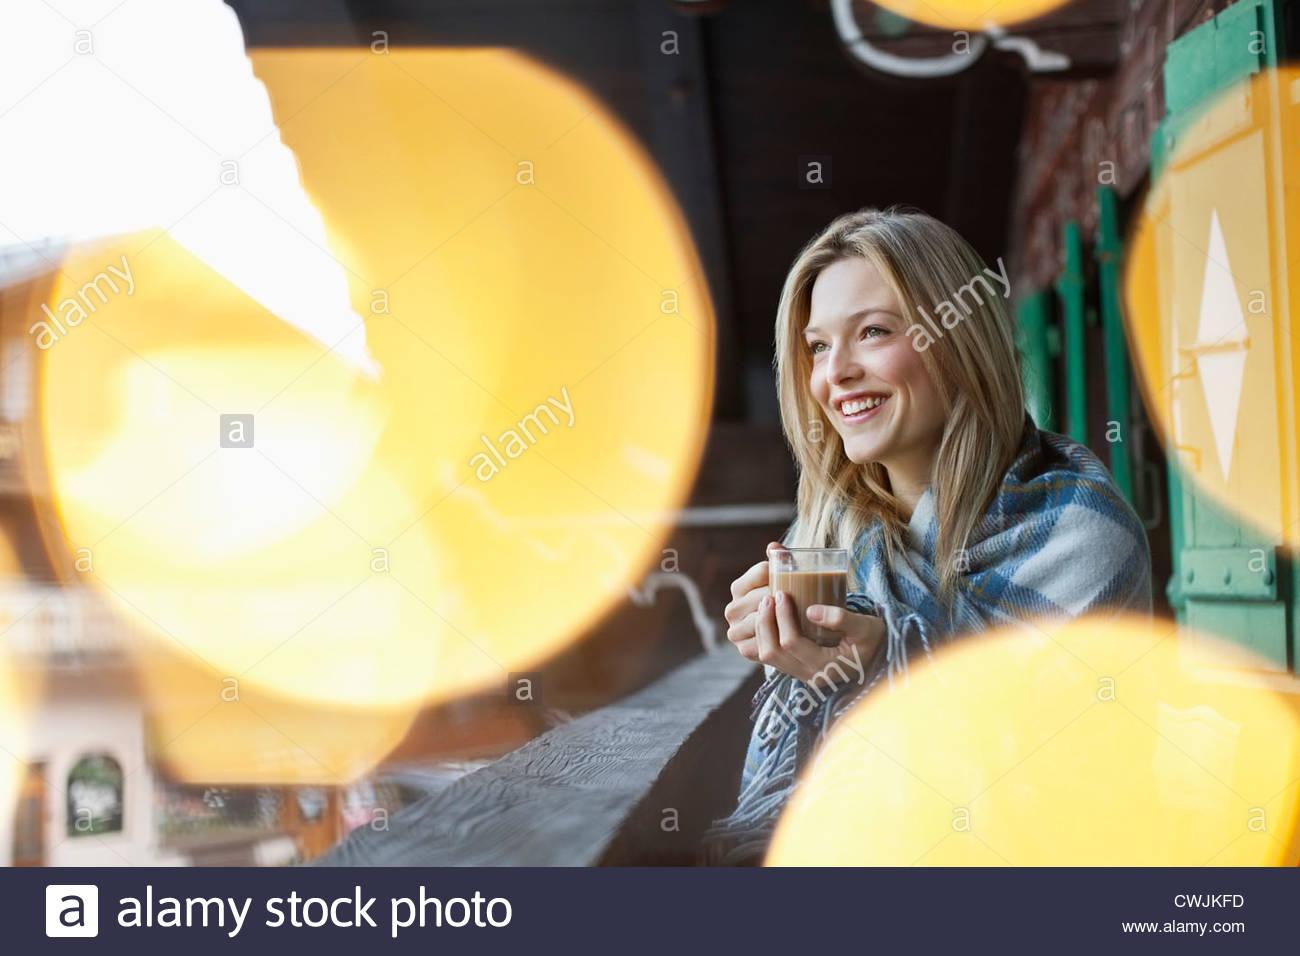 Lächelnde Frau eingewickelt in eine Decke und Kaffee auf der Veranda der Hütte Stockbild